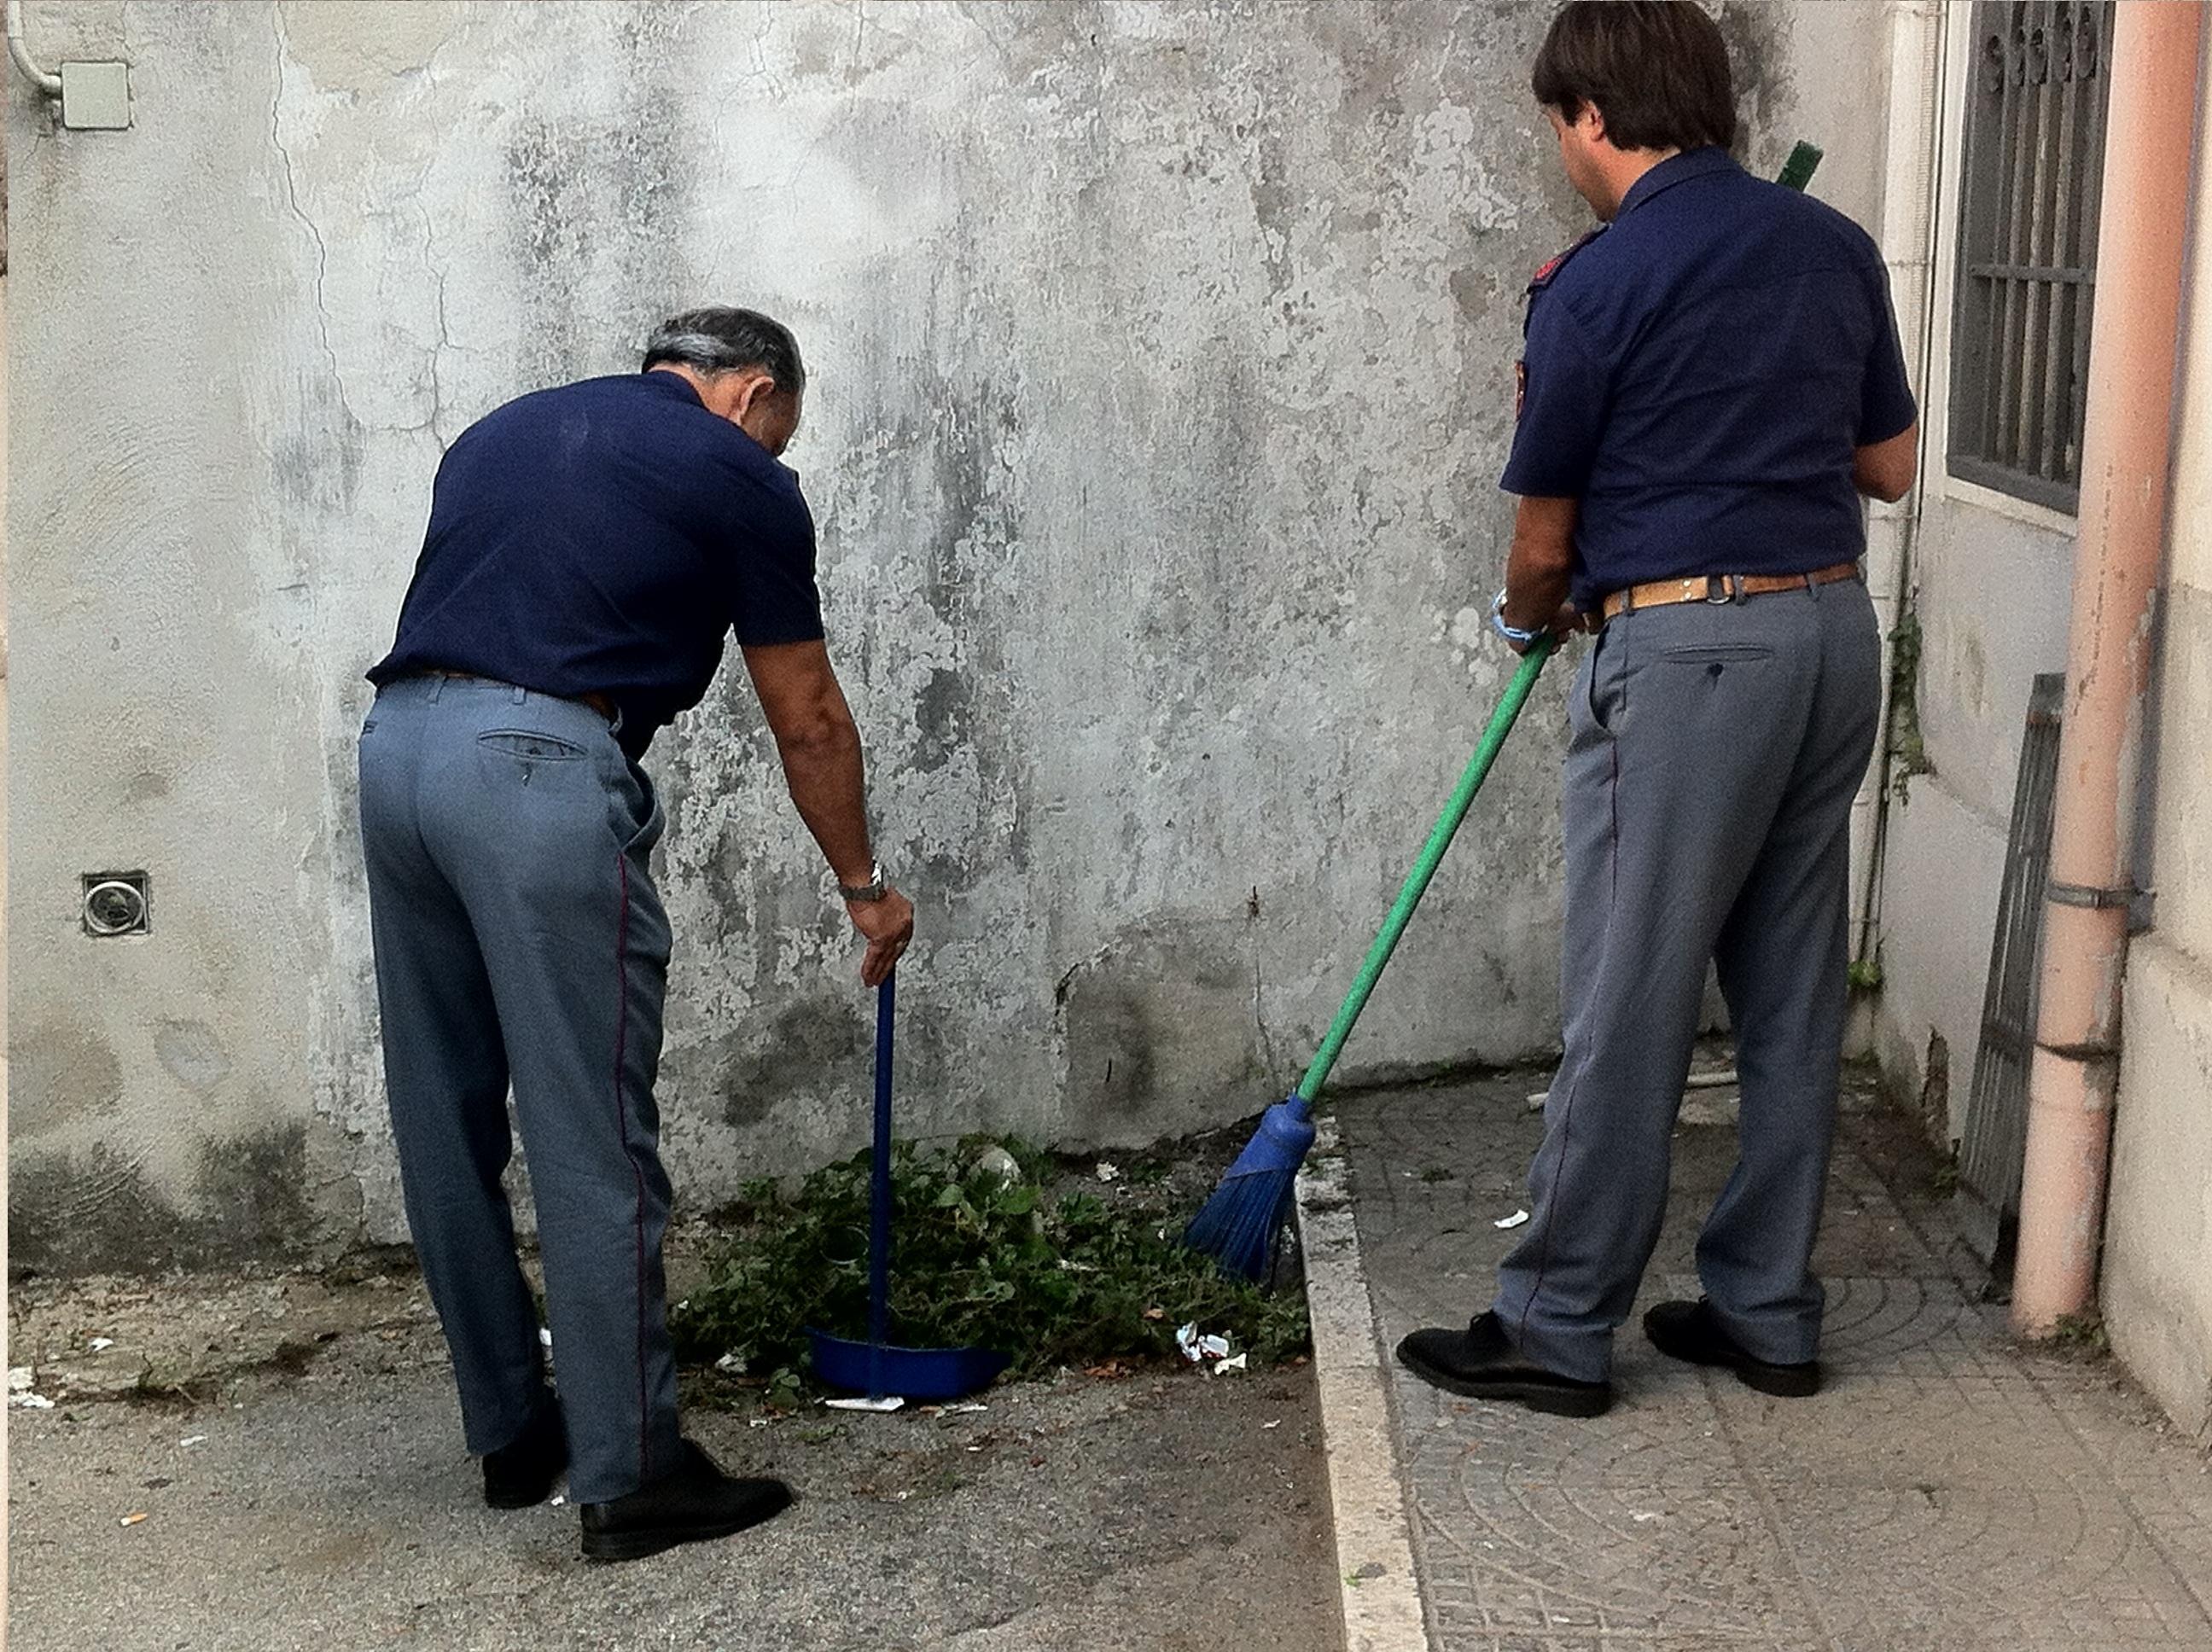 Salerno Coisp Combattere Criminalit 224 Scampia Dentro